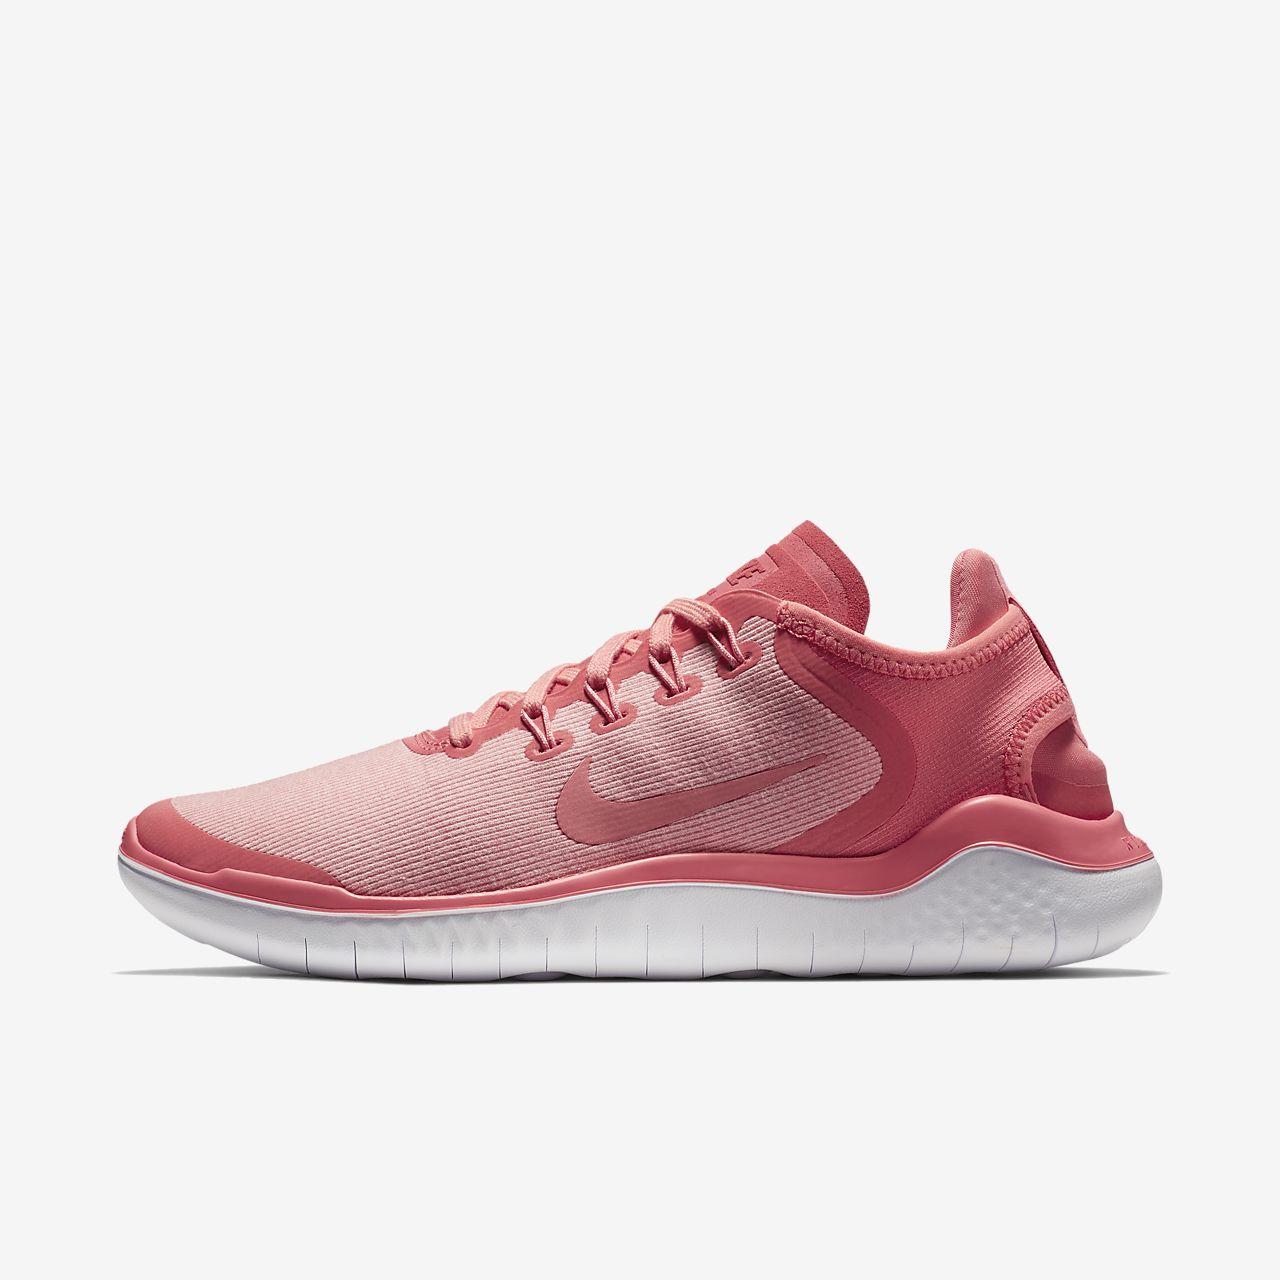 5ce116567213 Nike Free RN 2018 Sun Women s Running Shoe. Nike.com NL